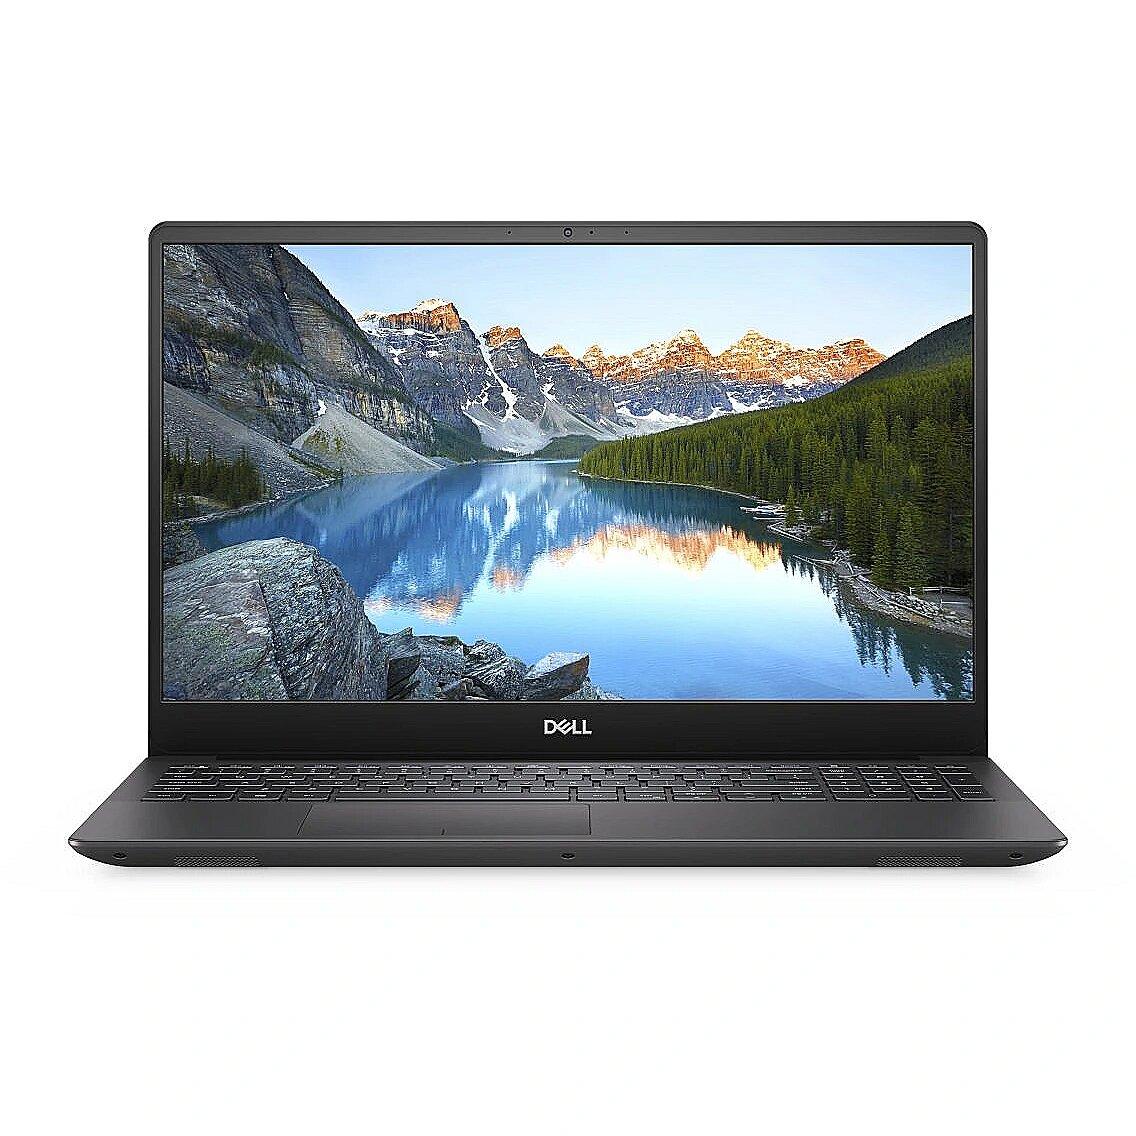 Dell Inspiron 15 (7590) Black, 15.6